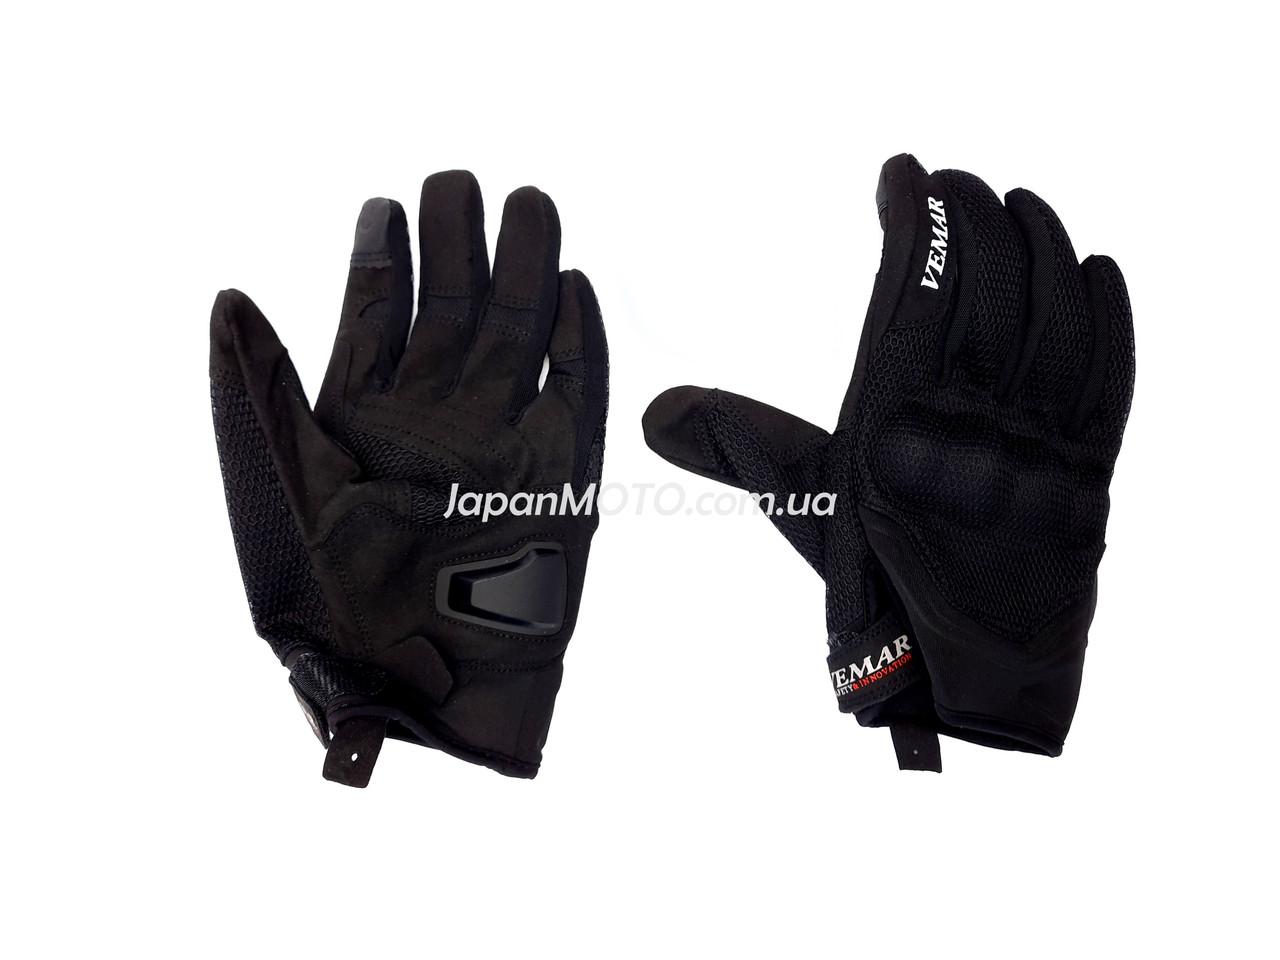 Перчатки VEMAR VE-173 сенсорный палец (size: L, черные)